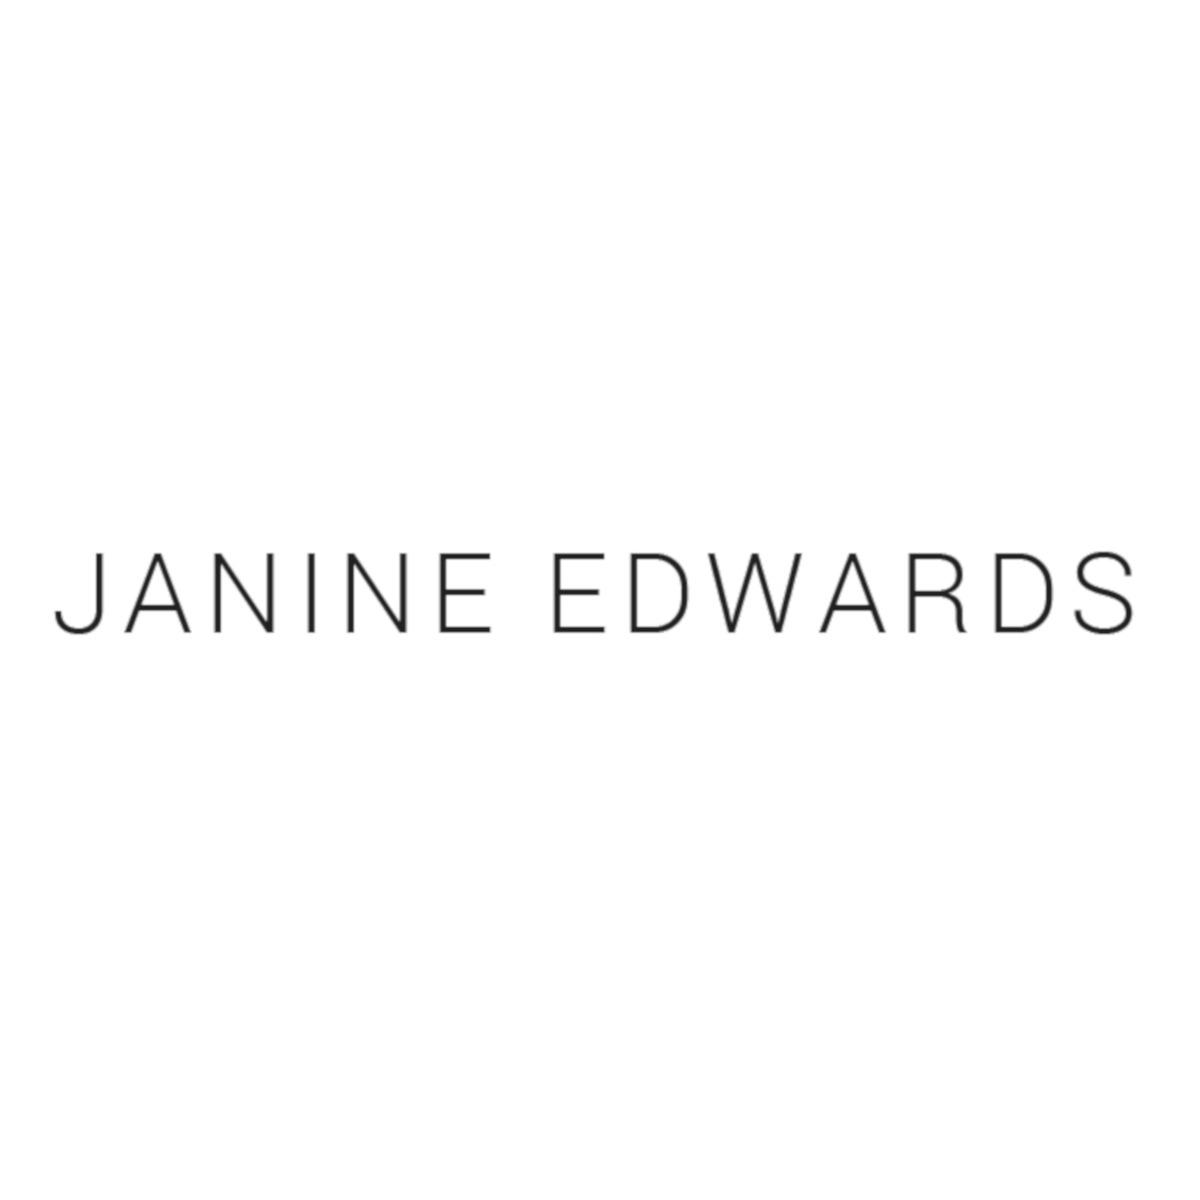 Janine Edwards logo 1200x1200